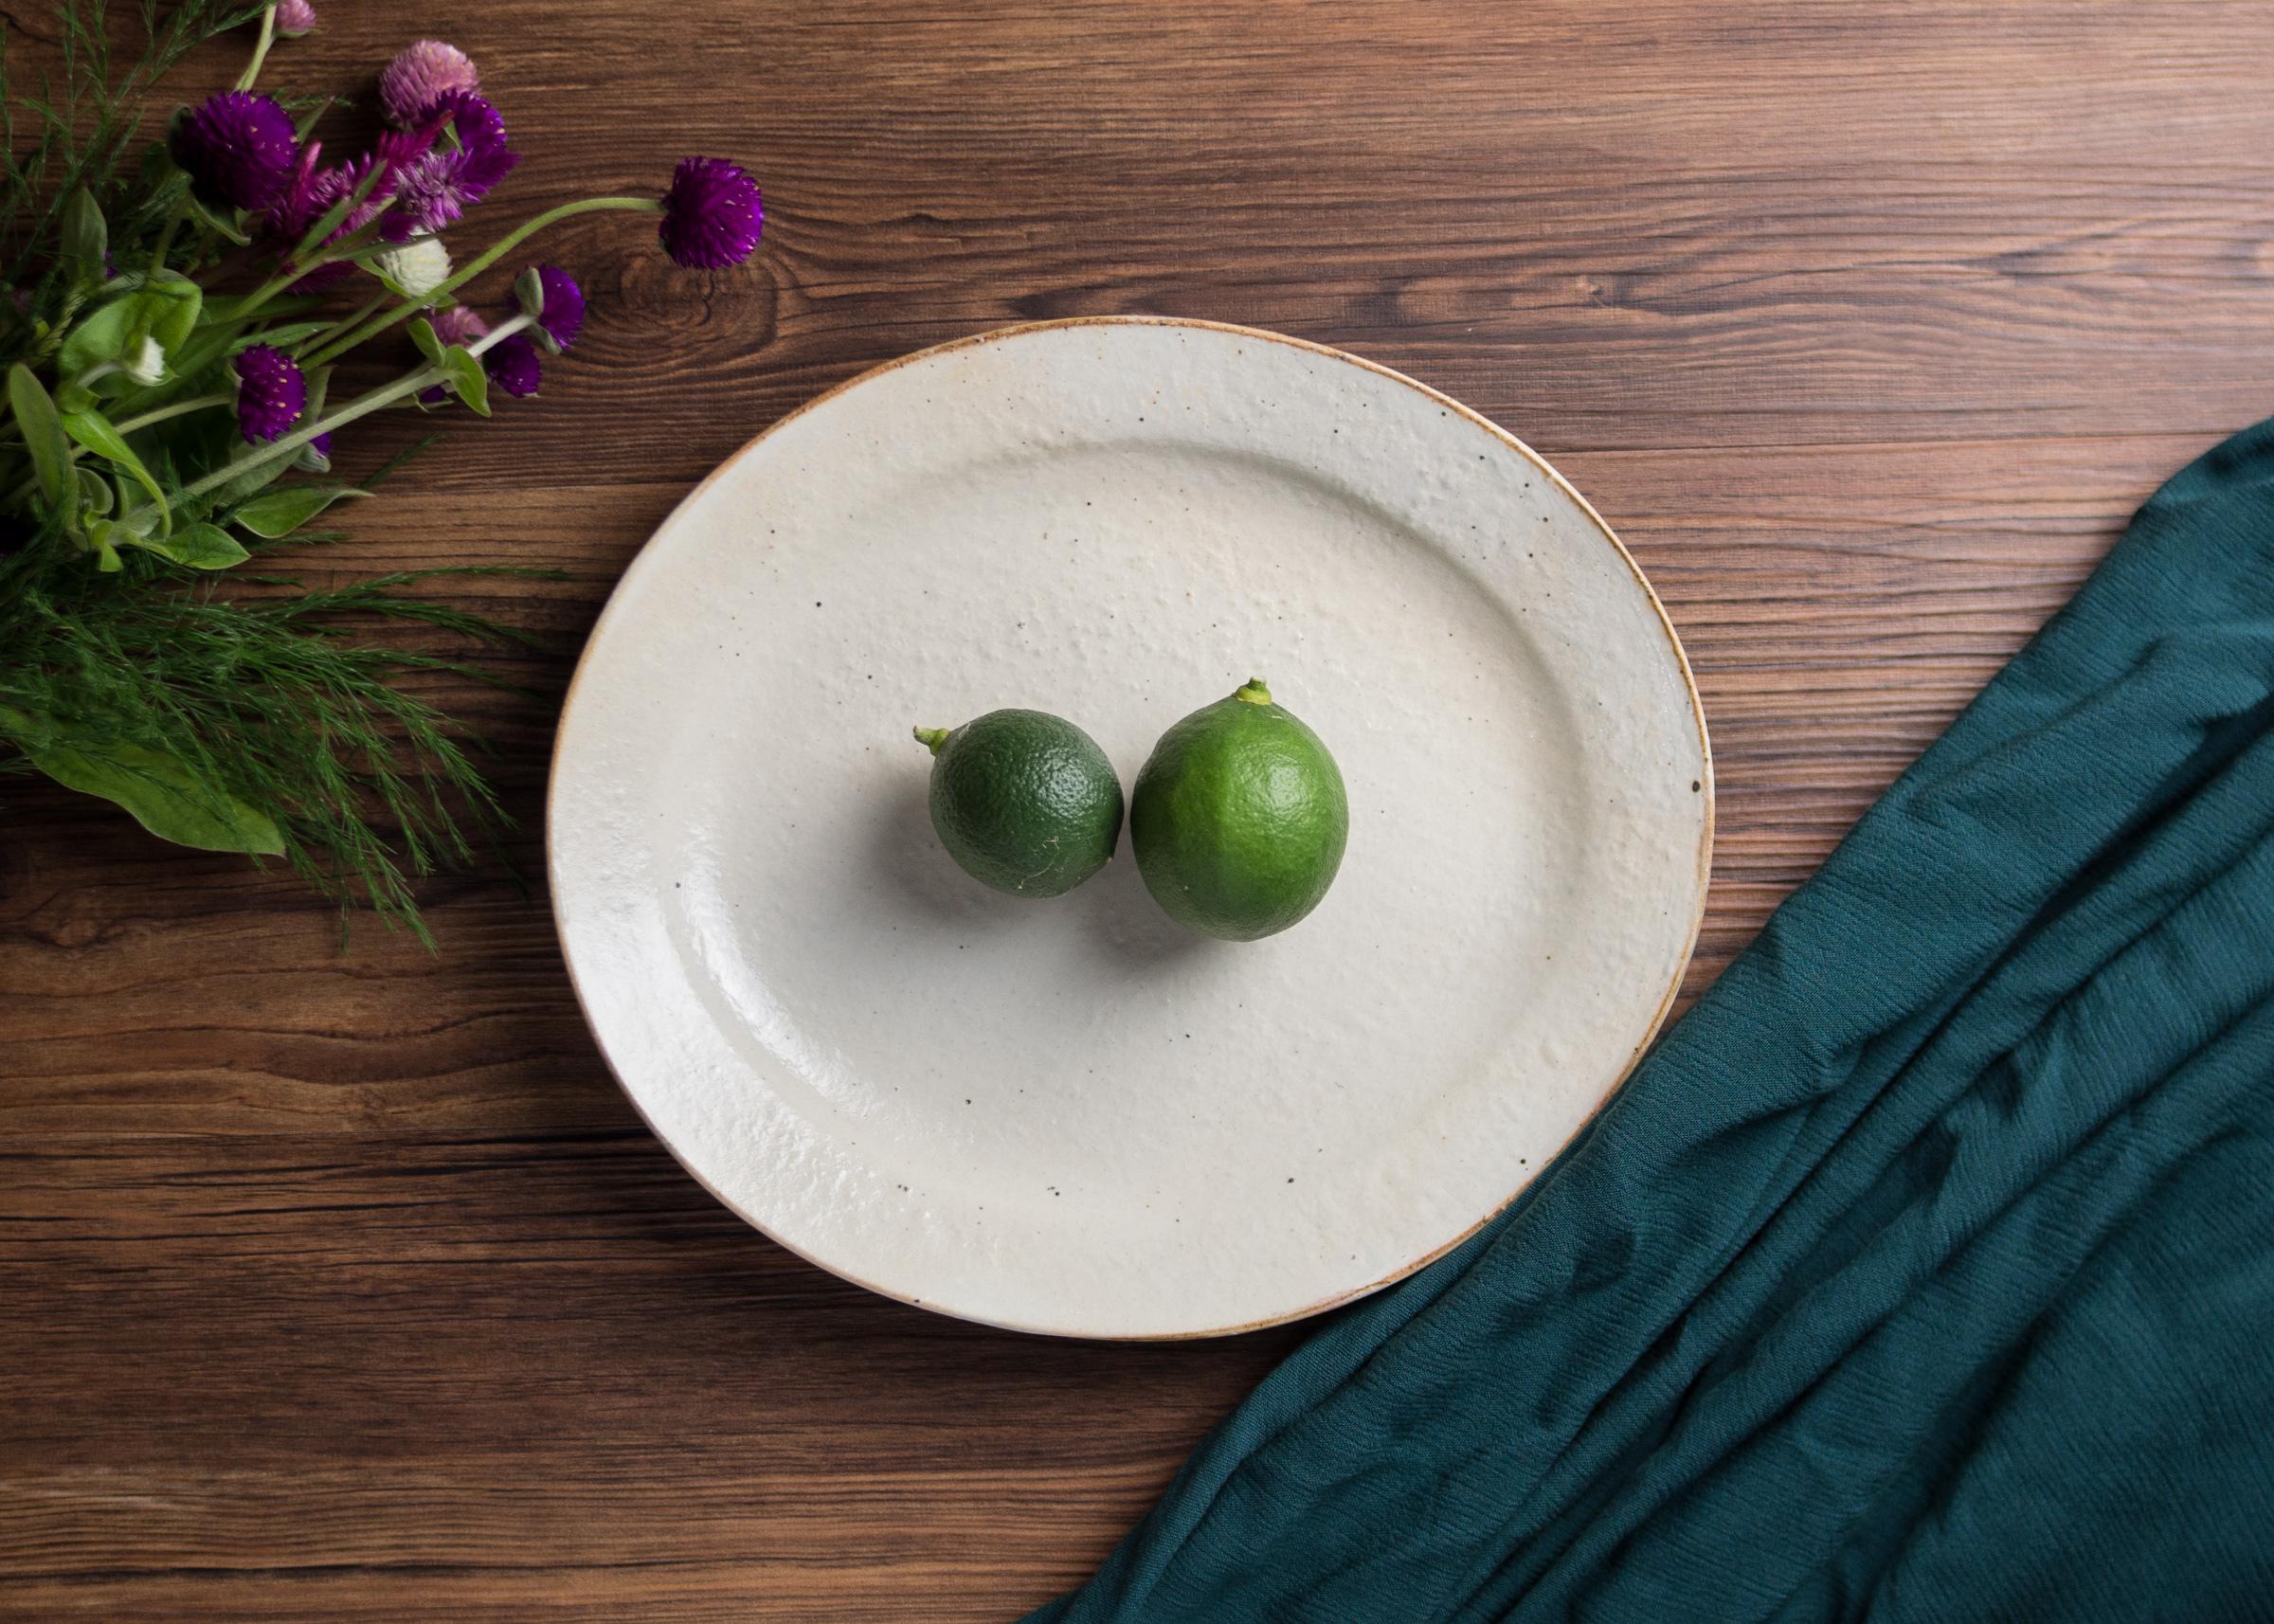 鉄散 楕円リム皿(⼤)オーバル 大皿 粉引/古谷 浩一